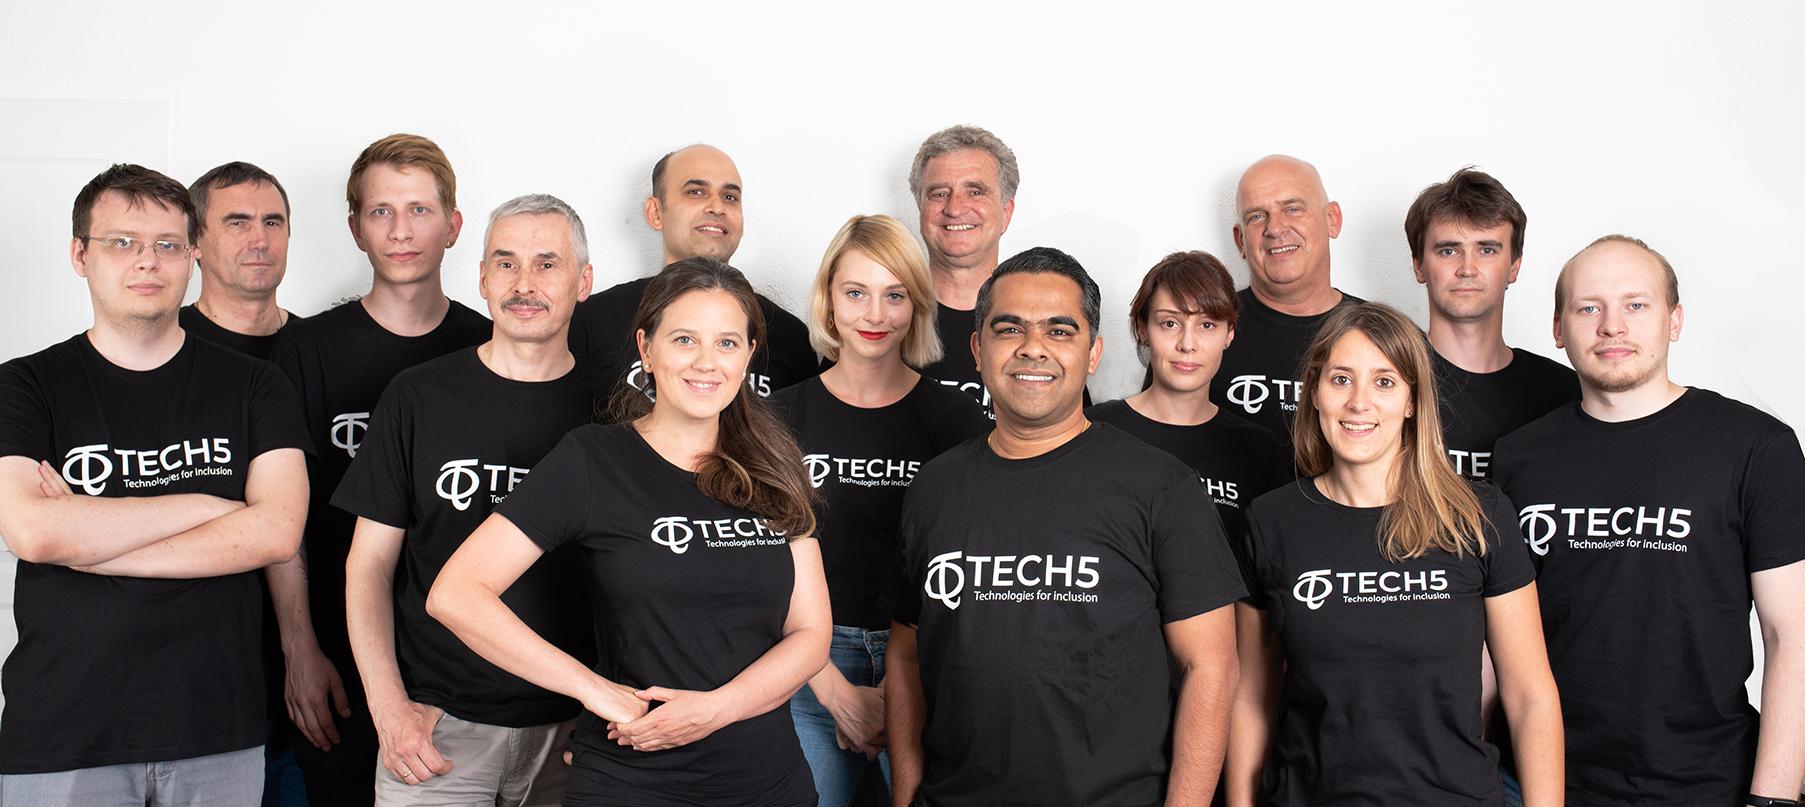 tech5 team